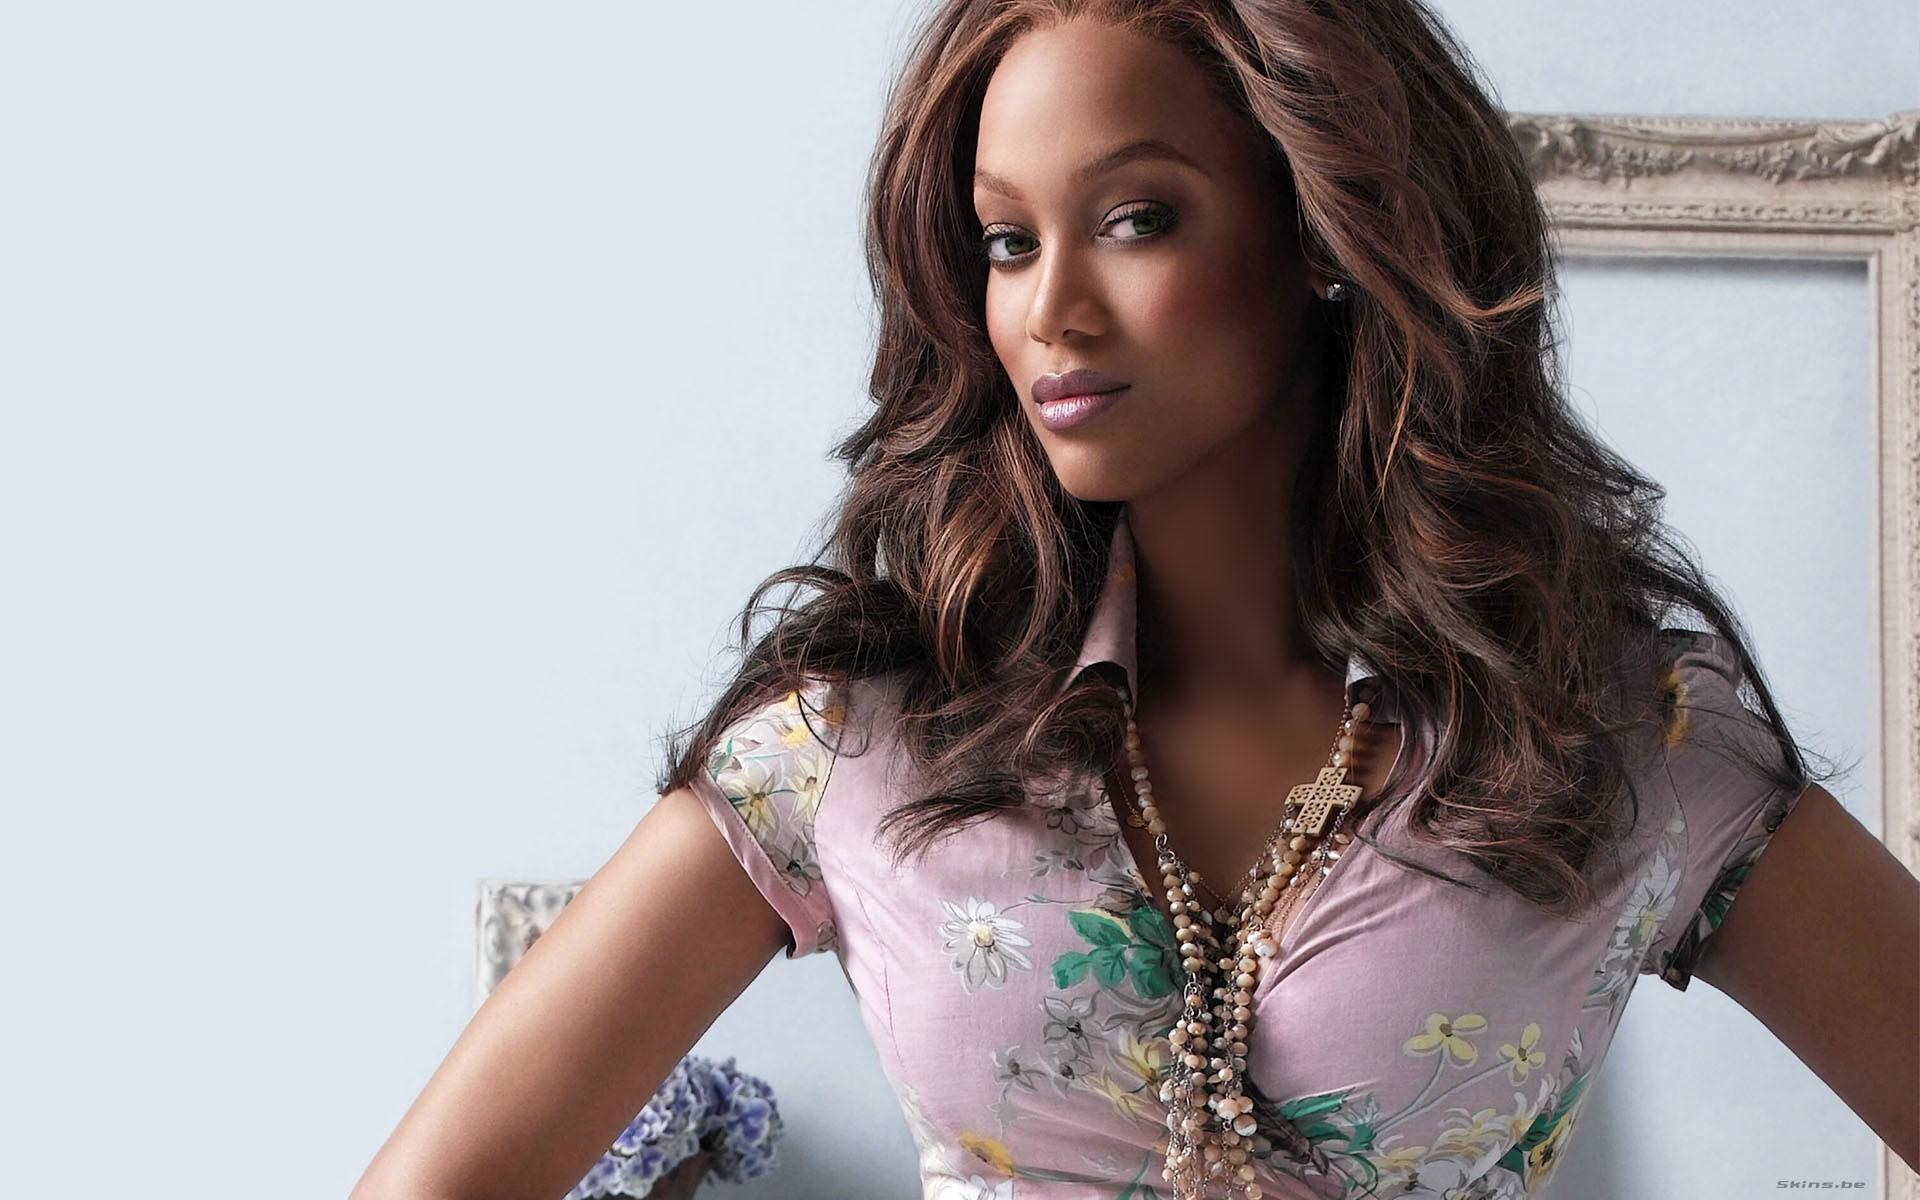 Самые красивые и богатые девушки вконтакте 2 фотография